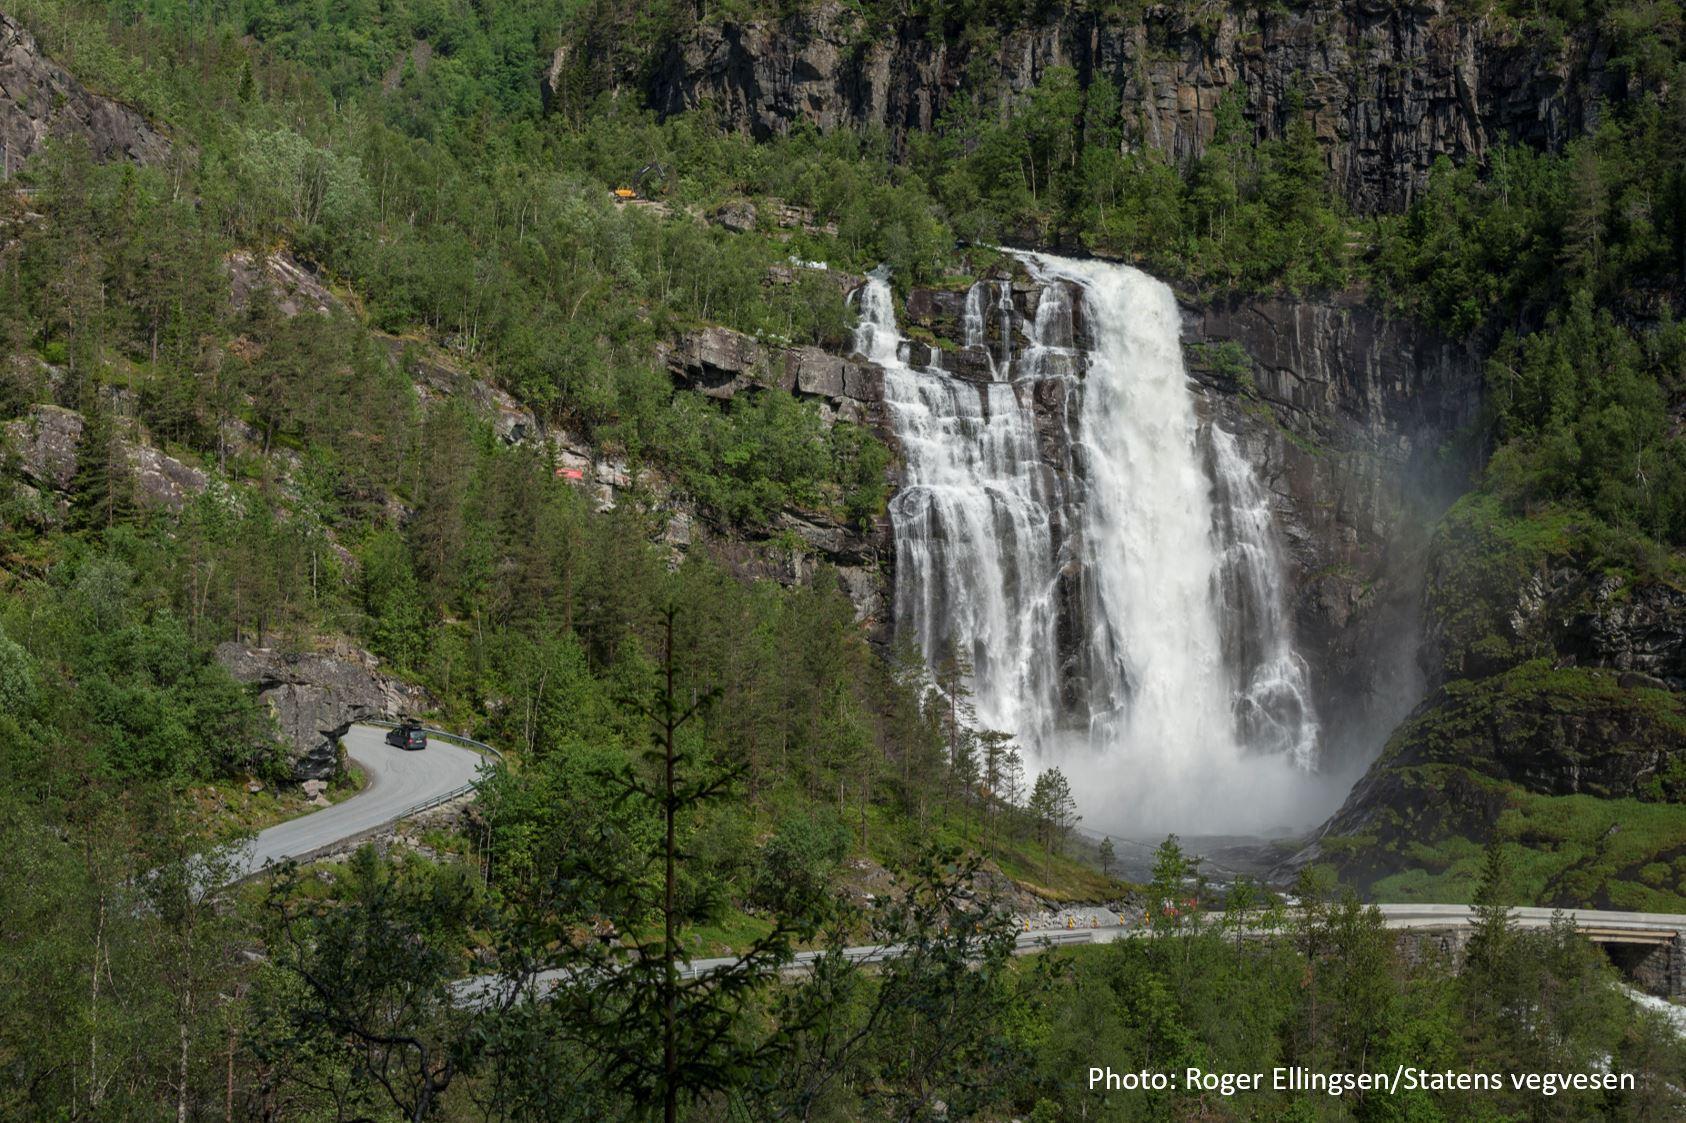 © Roger Ellingsen/Statens vegvesen, Travel like the locals - Skjervsfossen Waterfall in Granvin